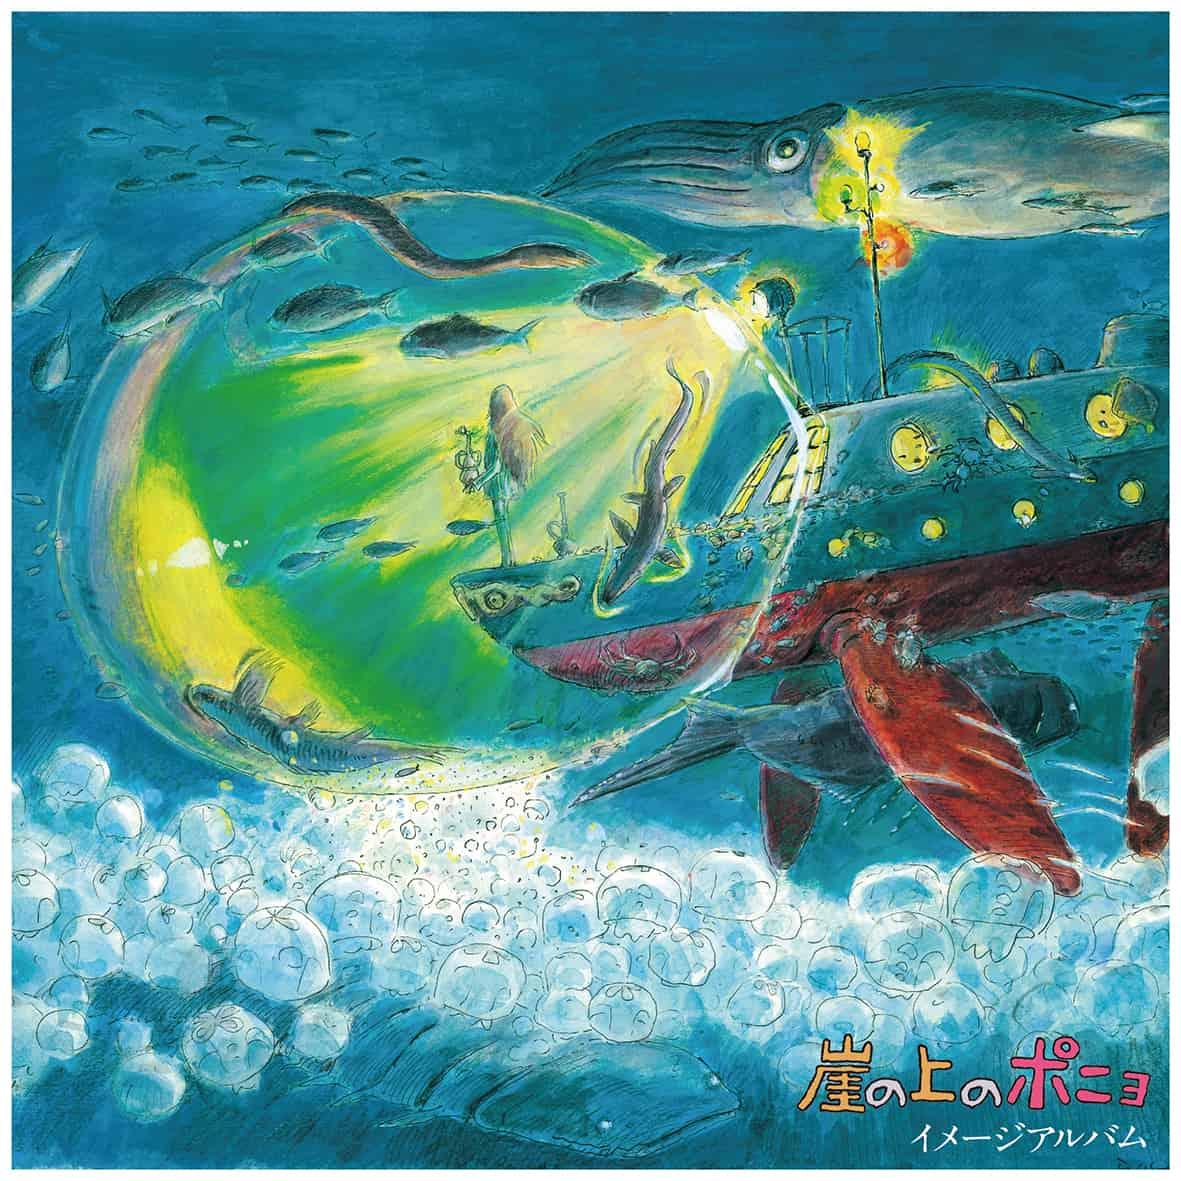 久石 譲 – 崖の上のポニョ イメージアルバム